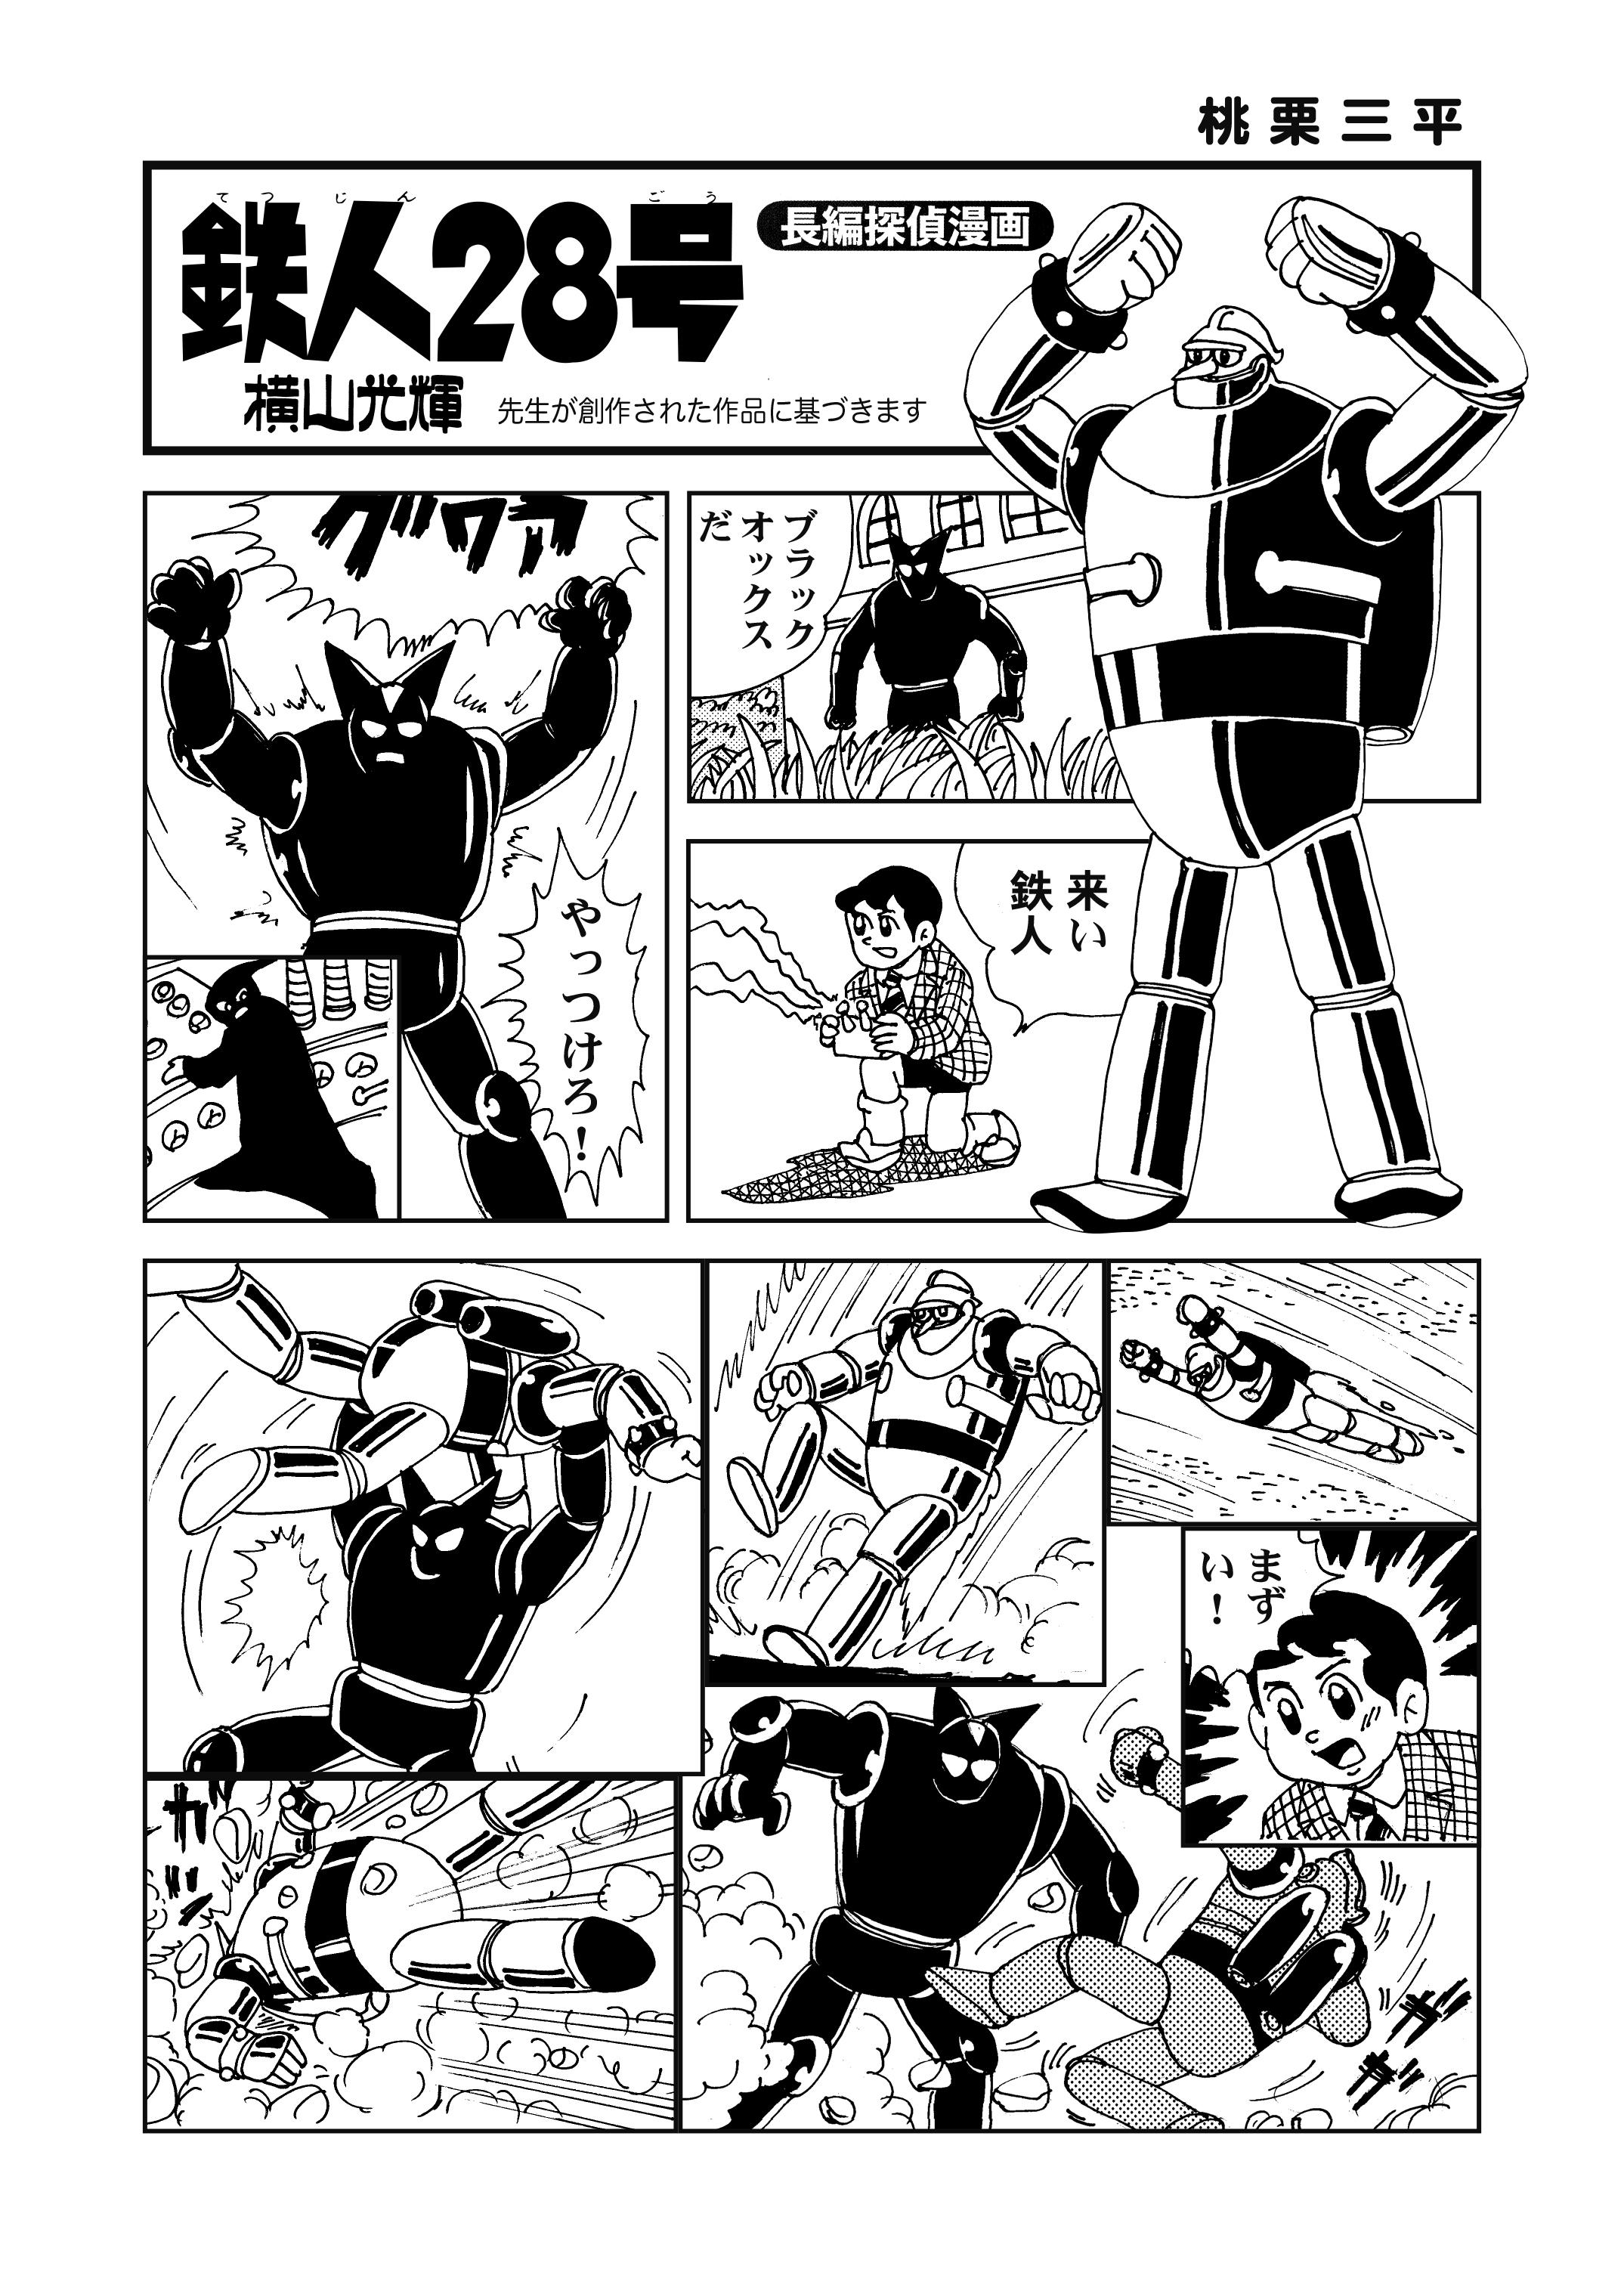 鉄人28号-最終版-02-1.jpg